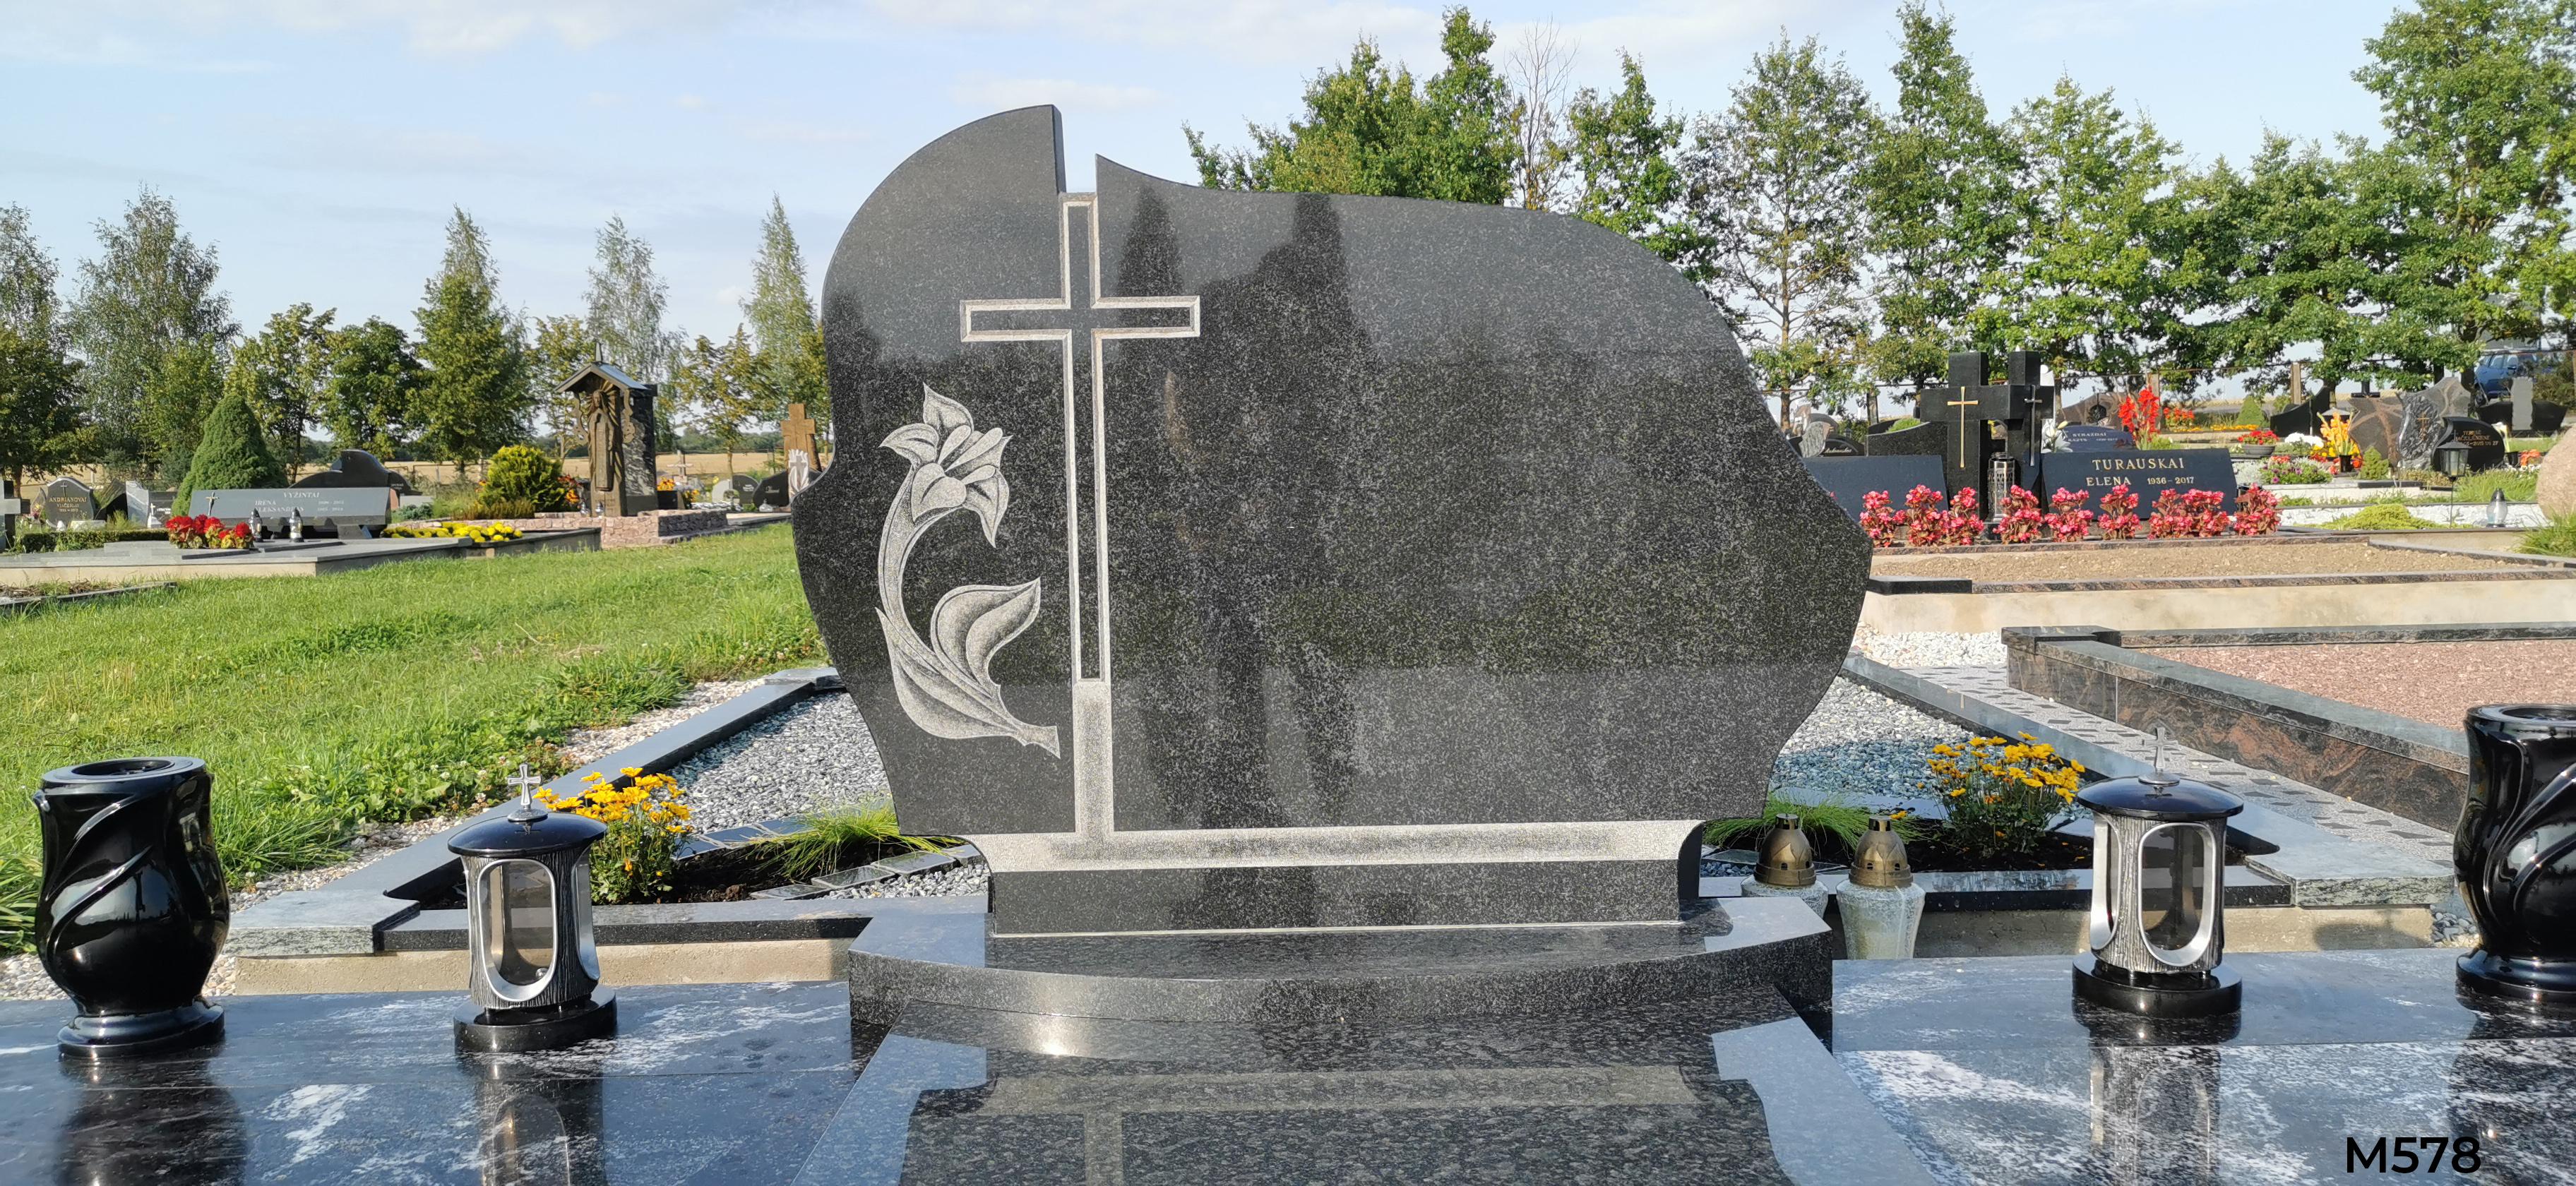 Vienos dalies paminklas, kapo dengimas plokšte, trinkelių klojimas, suoliukas.pamato betonavimas